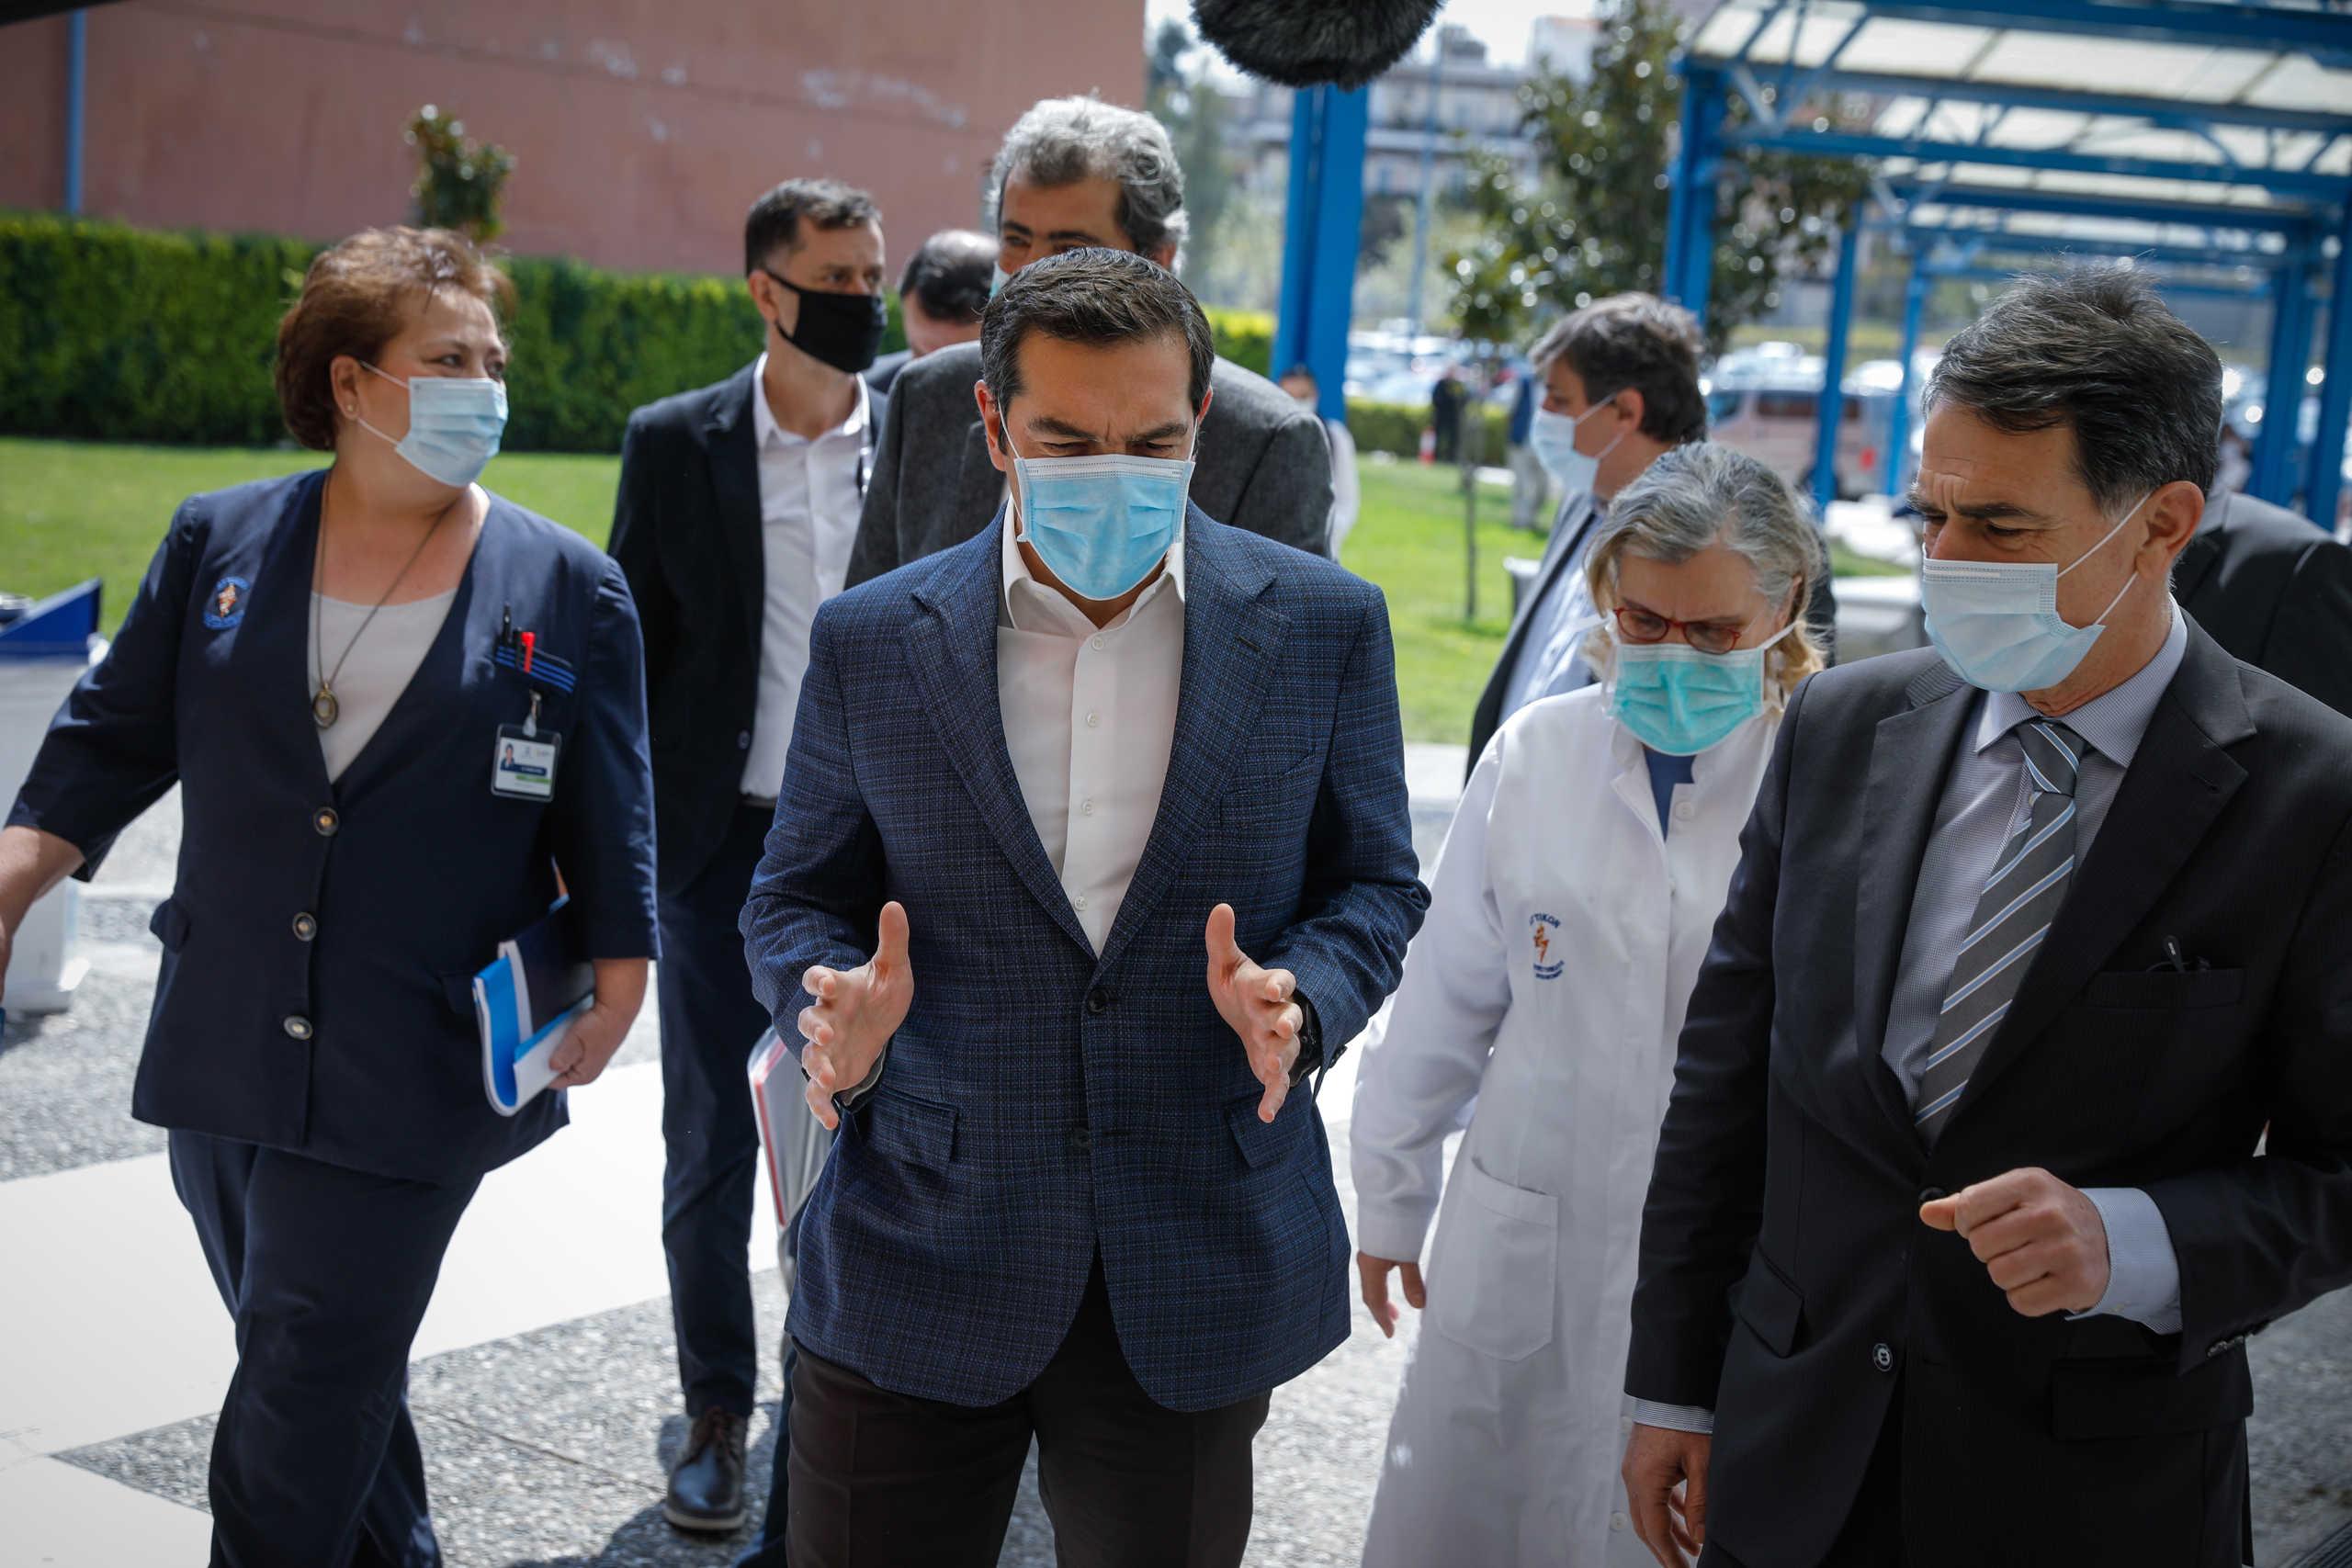 Τσίπρας: Τα χειροκροτήματα δε λύνουν τα προβλήματα των νοσηλευτών